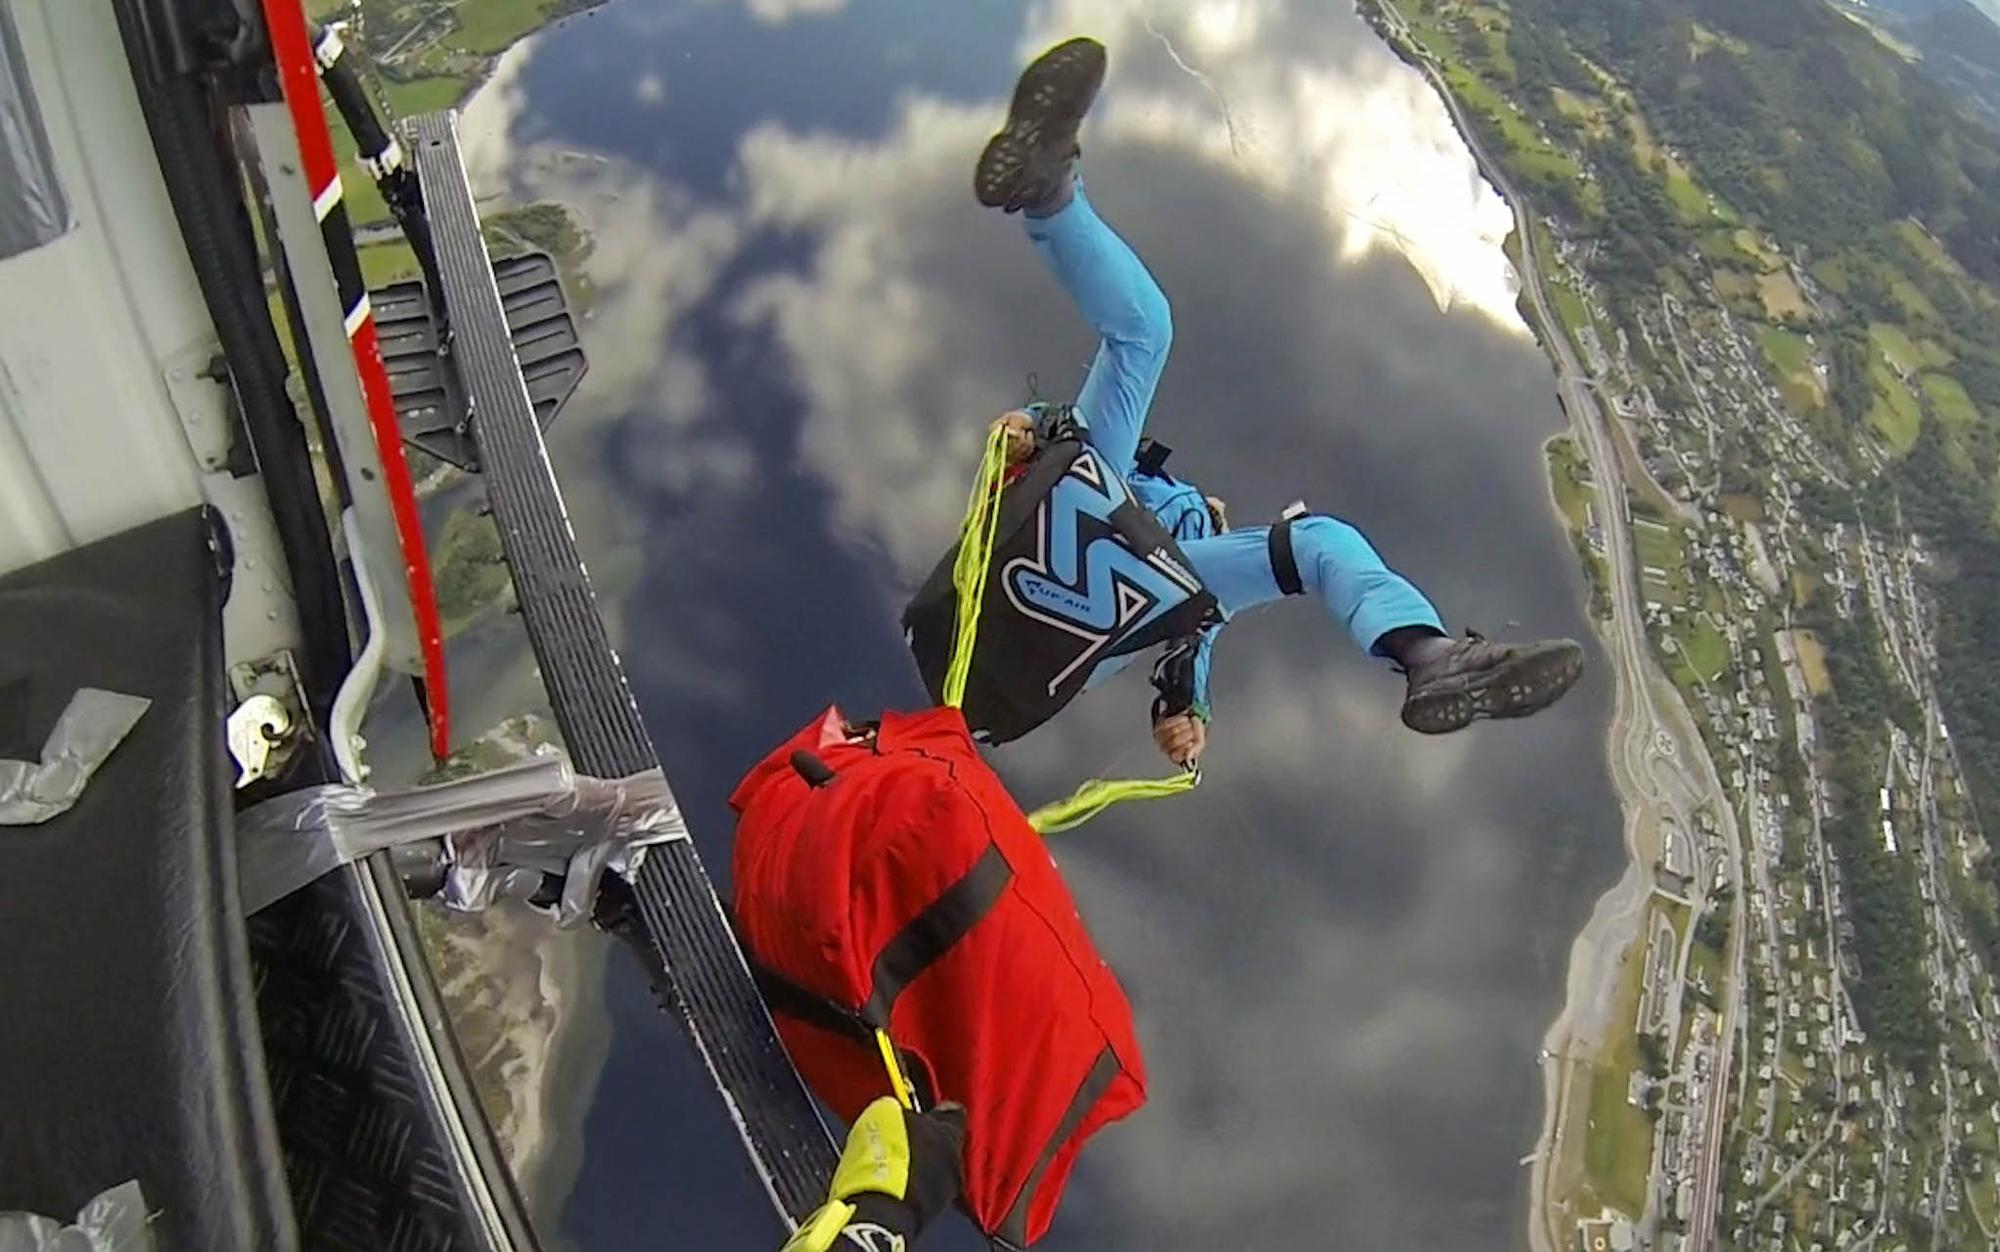 Back flip en sorti d'helicoptere a Voss duran l'extremspostweek. Francois Ragolski Norvege 2014